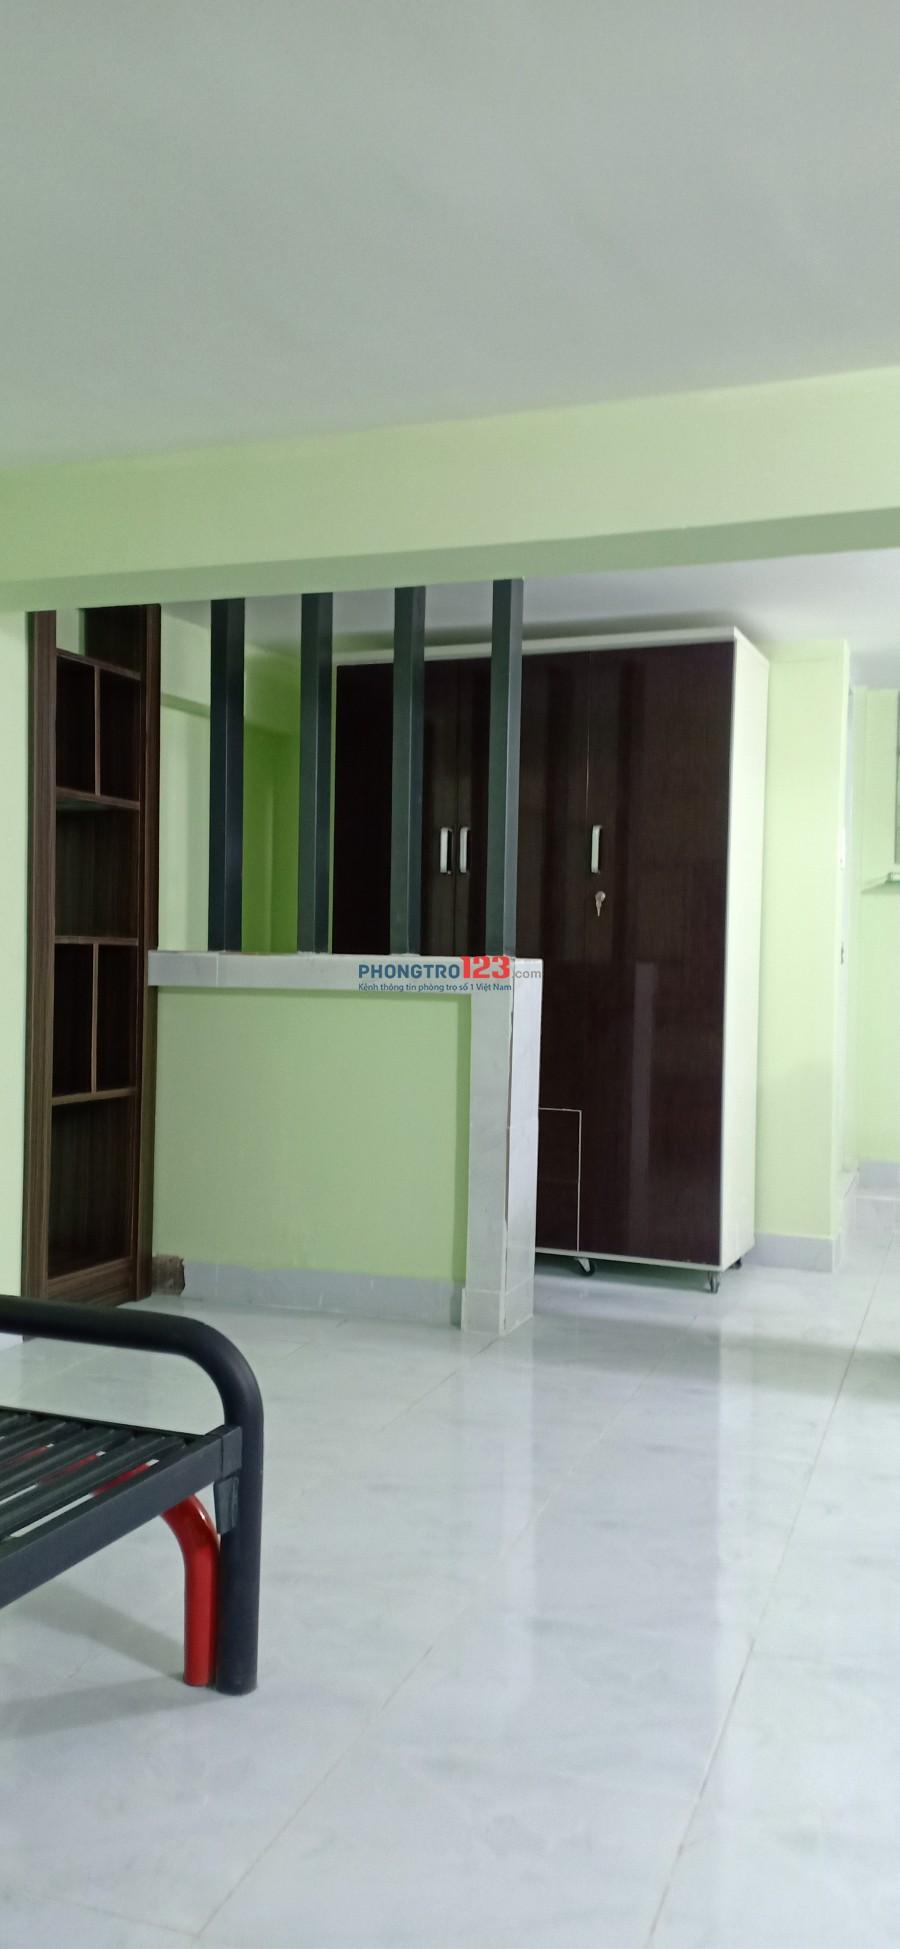 Phòng trọ với tiêu chuẩn căn hộ mini siêu đẹp